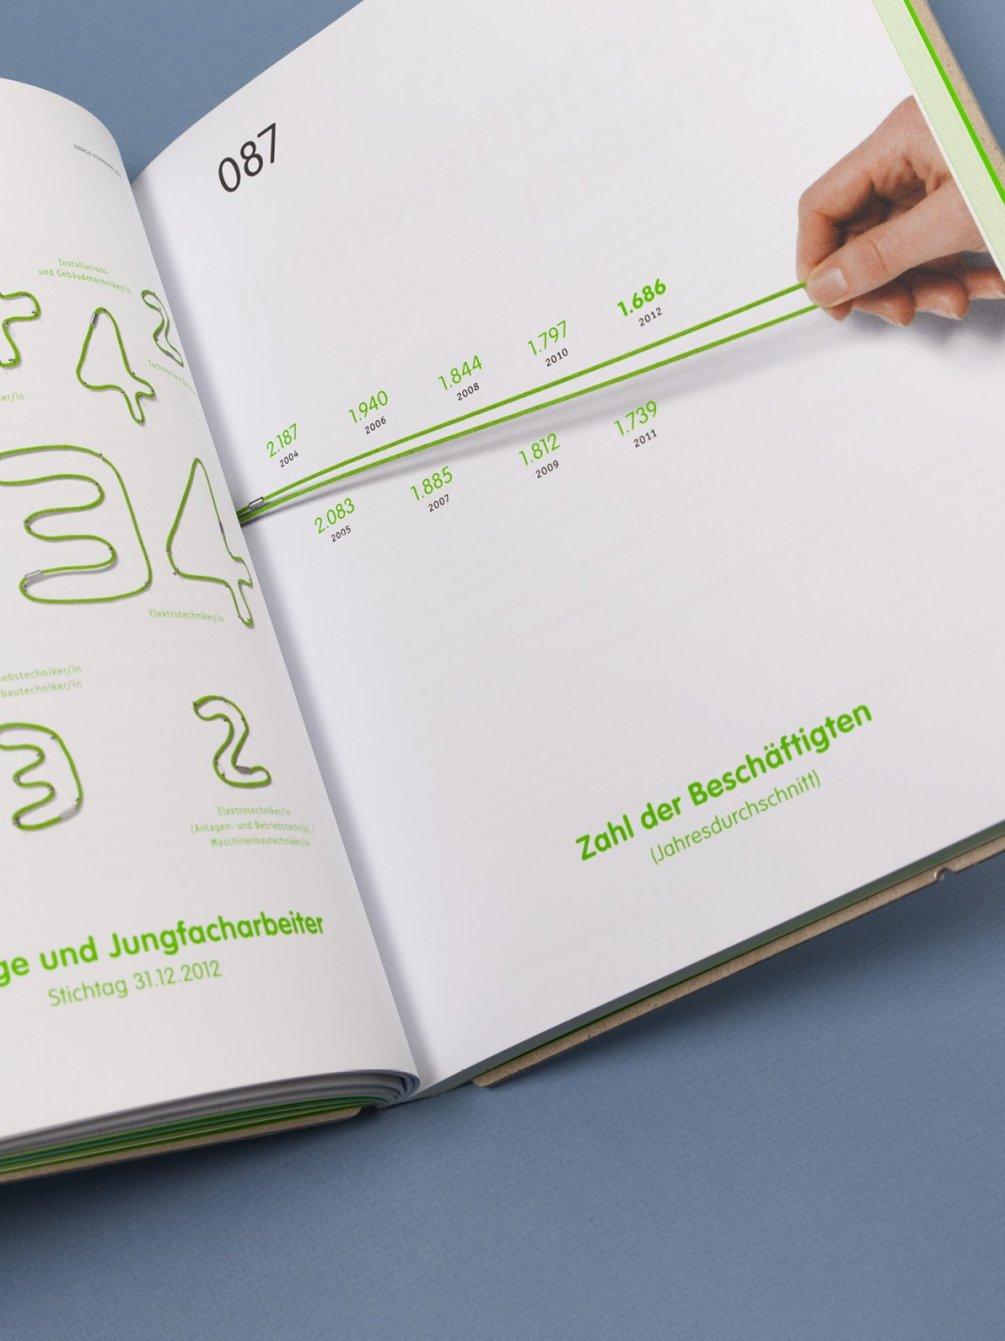 energie-steiermark-jahresbericht-2012_moodley-brand-identity_moodley-brand-identity_14-1200x1600